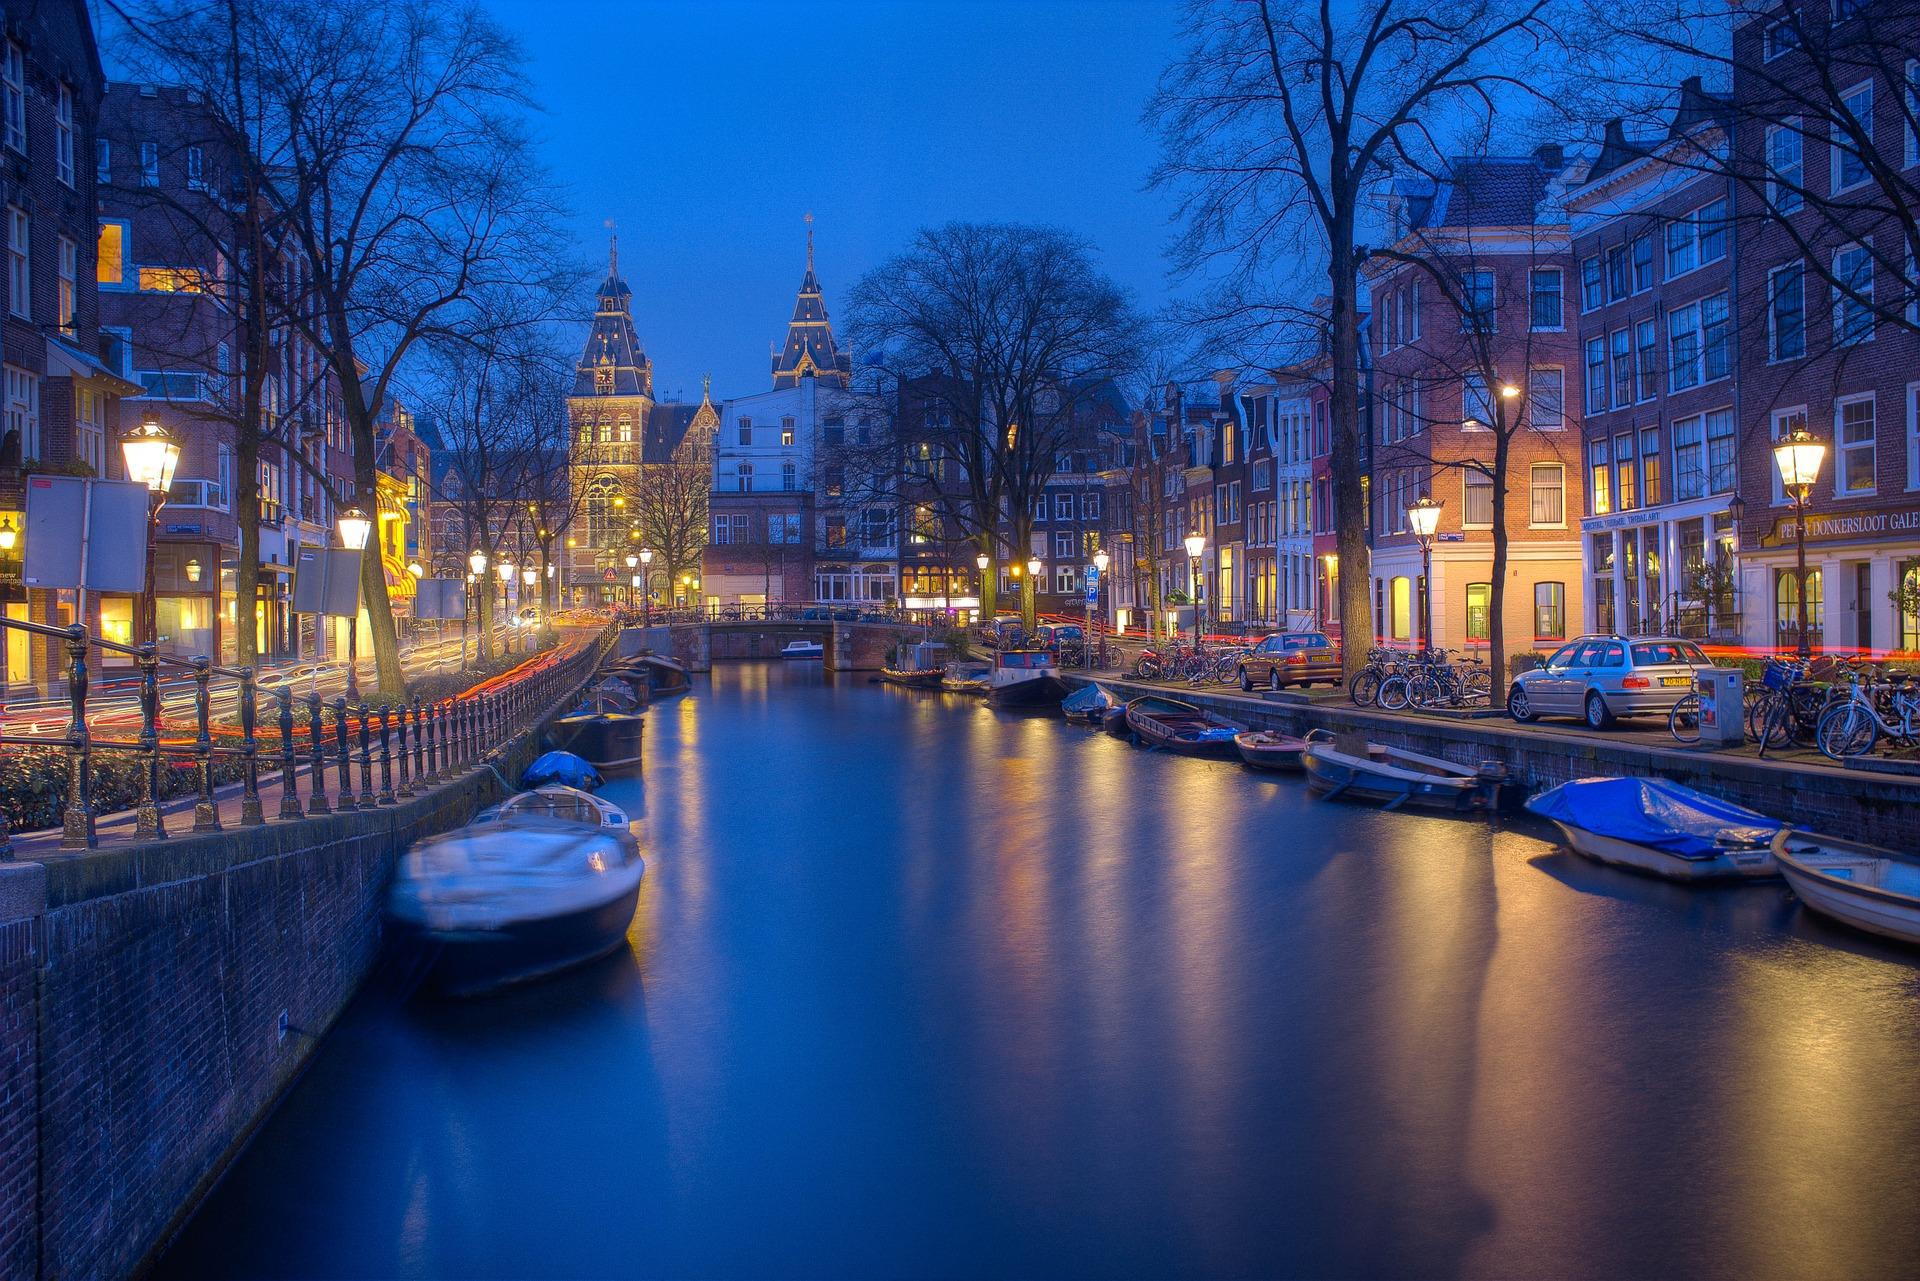 que idioma se habla en amsterdam